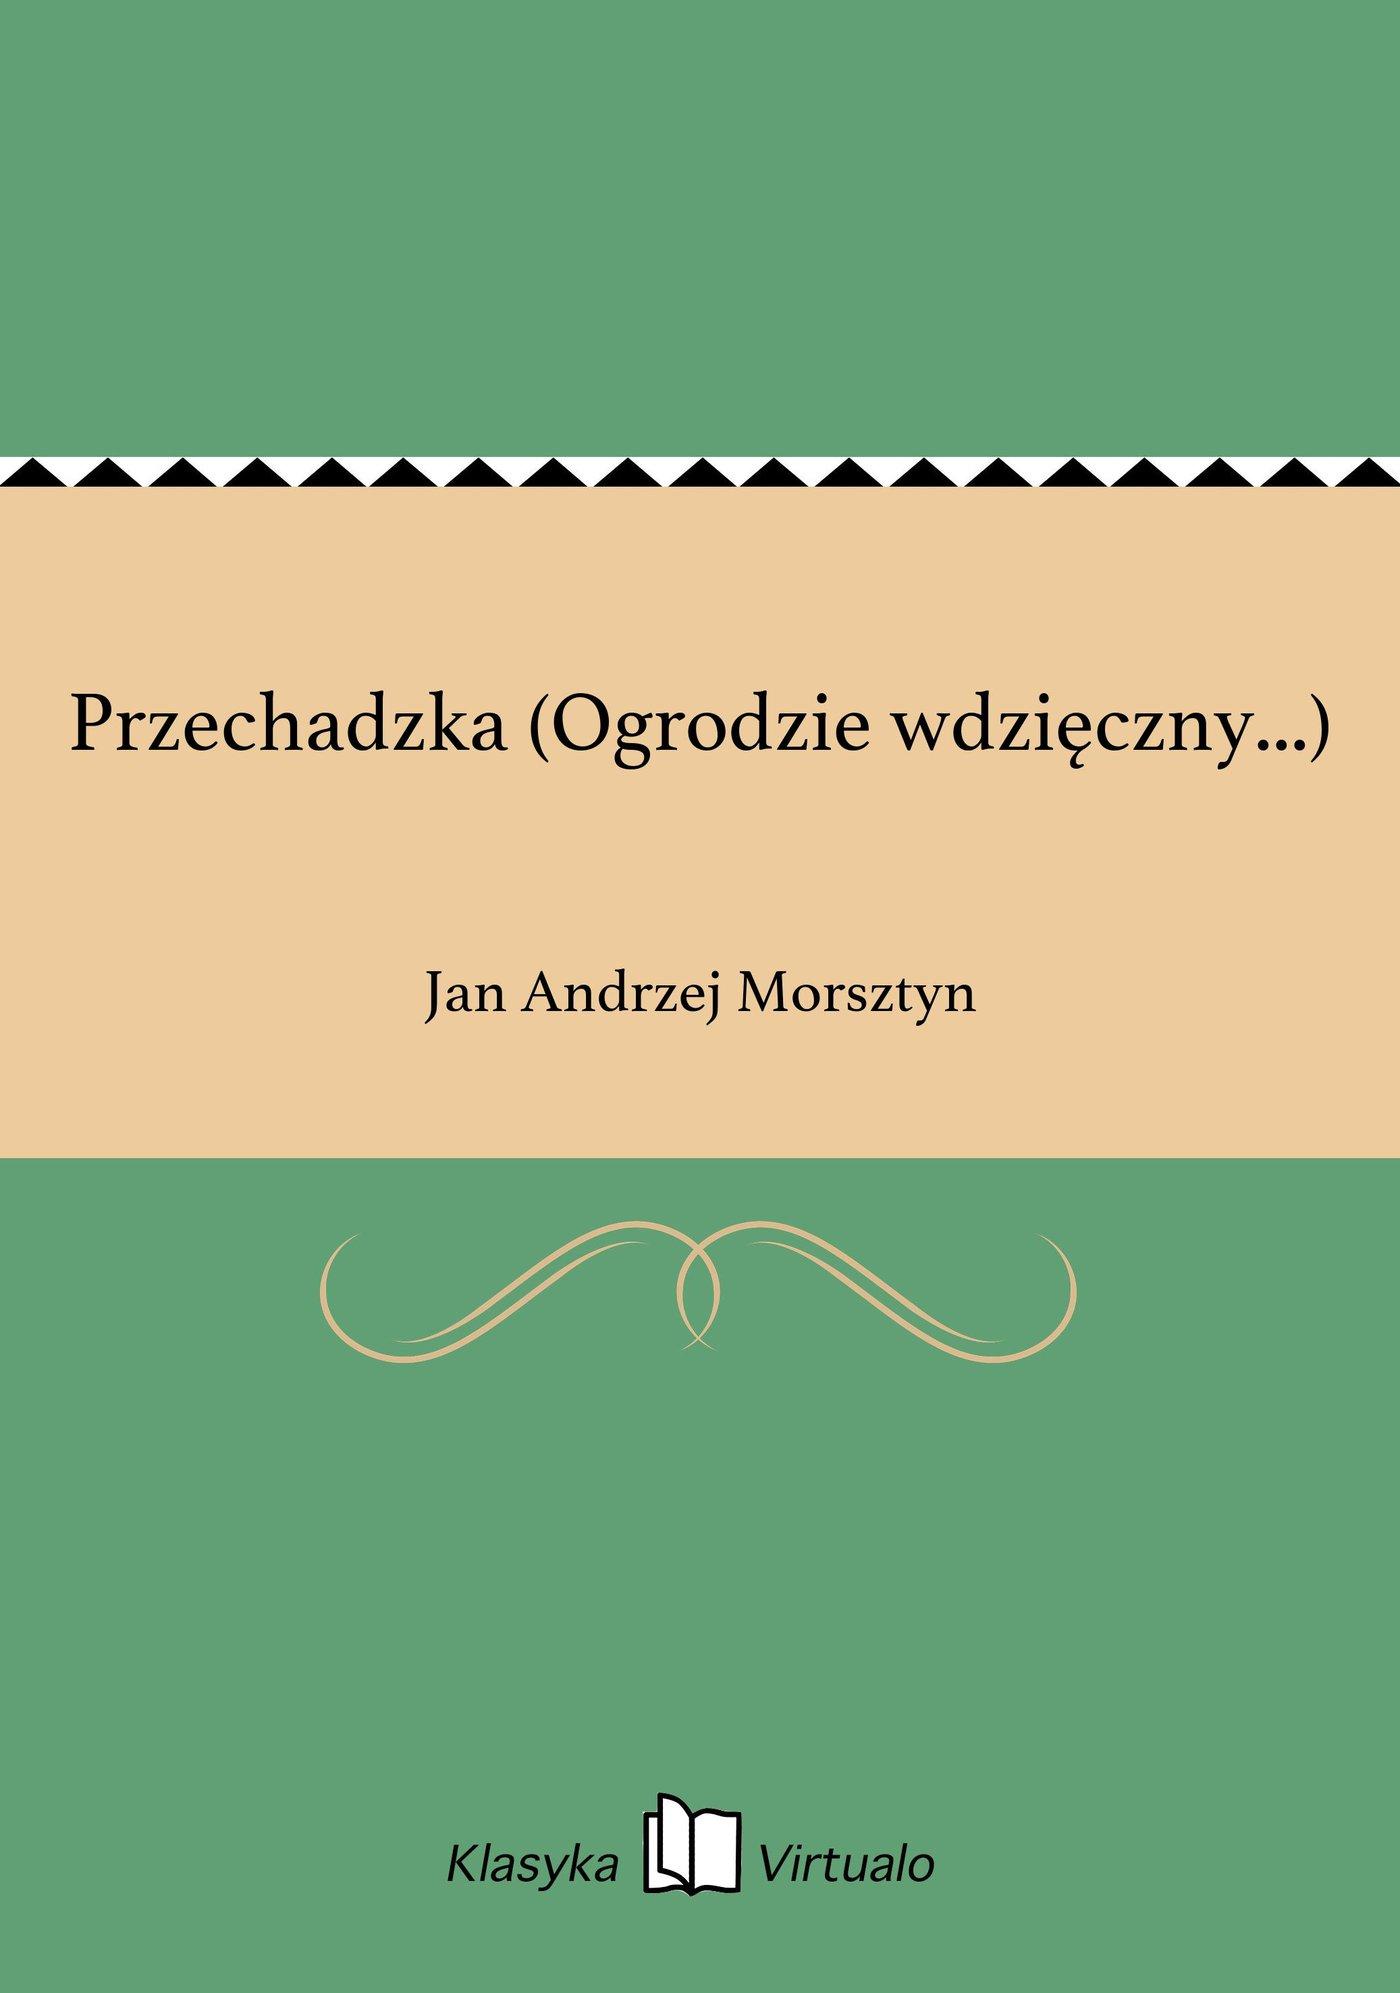 Przechadzka (Ogrodzie wdzięczny...) - Ebook (Książka na Kindle) do pobrania w formacie MOBI